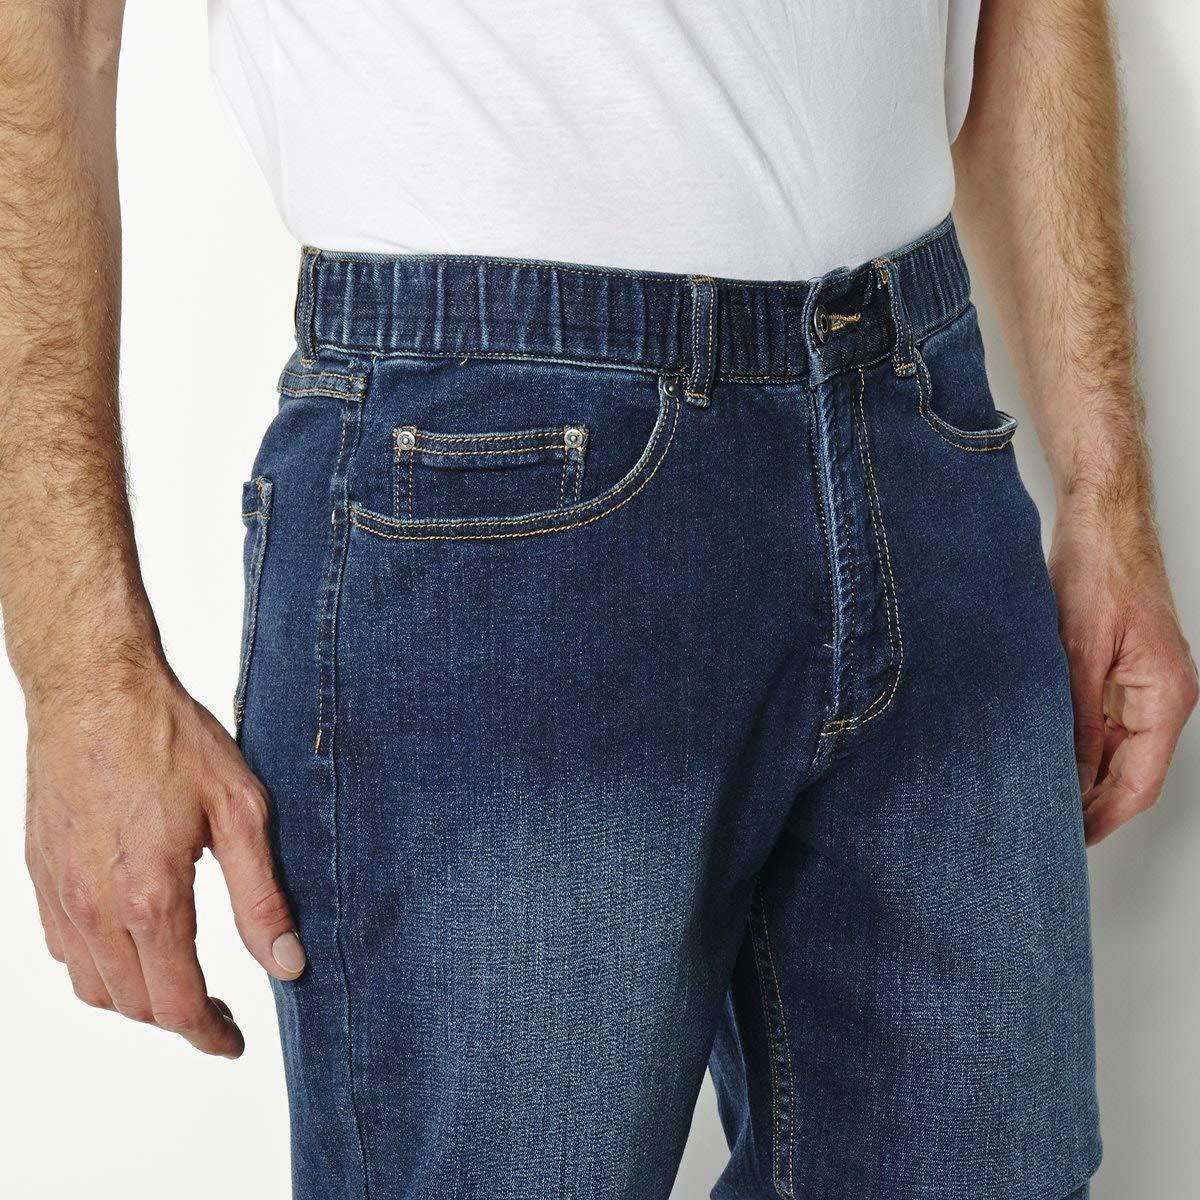 La Redoute Castaluna for Men Mens Elasticated Waist Stretch Straight Jeans Length 33